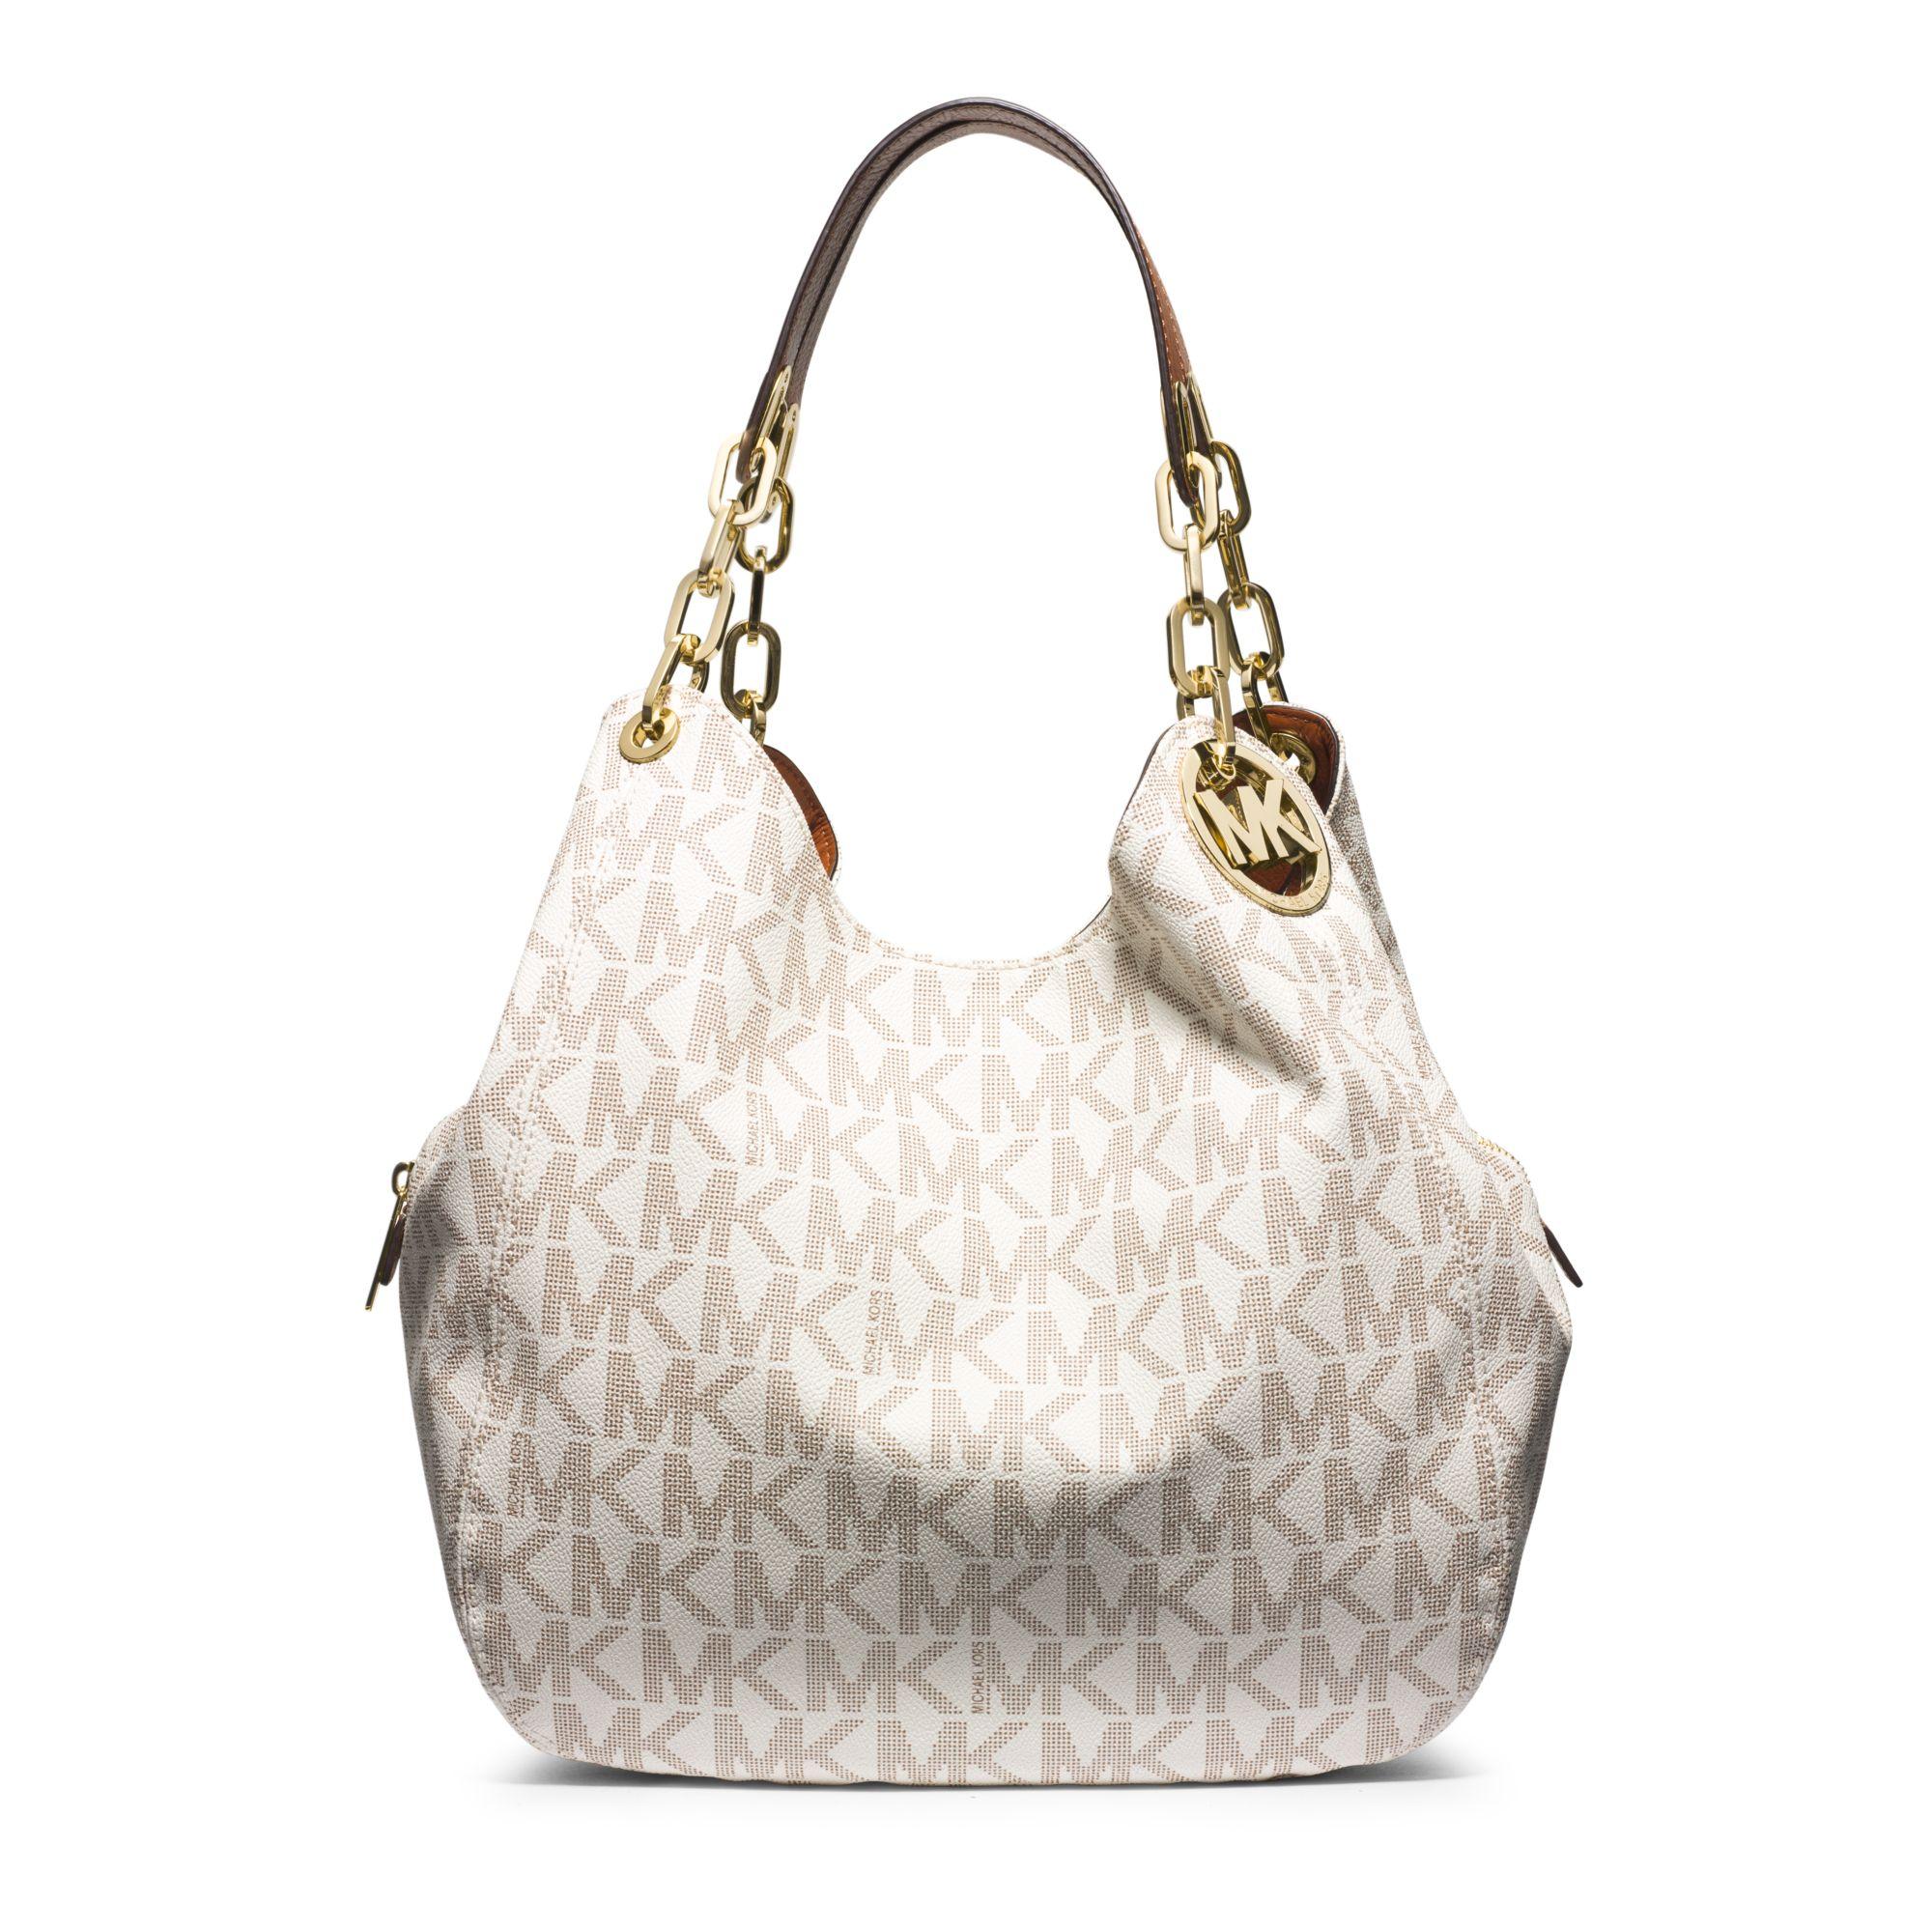 181cfcb6ff517 Lyst - Michael Kors Fulton Large Logo Shoulder Bag in White